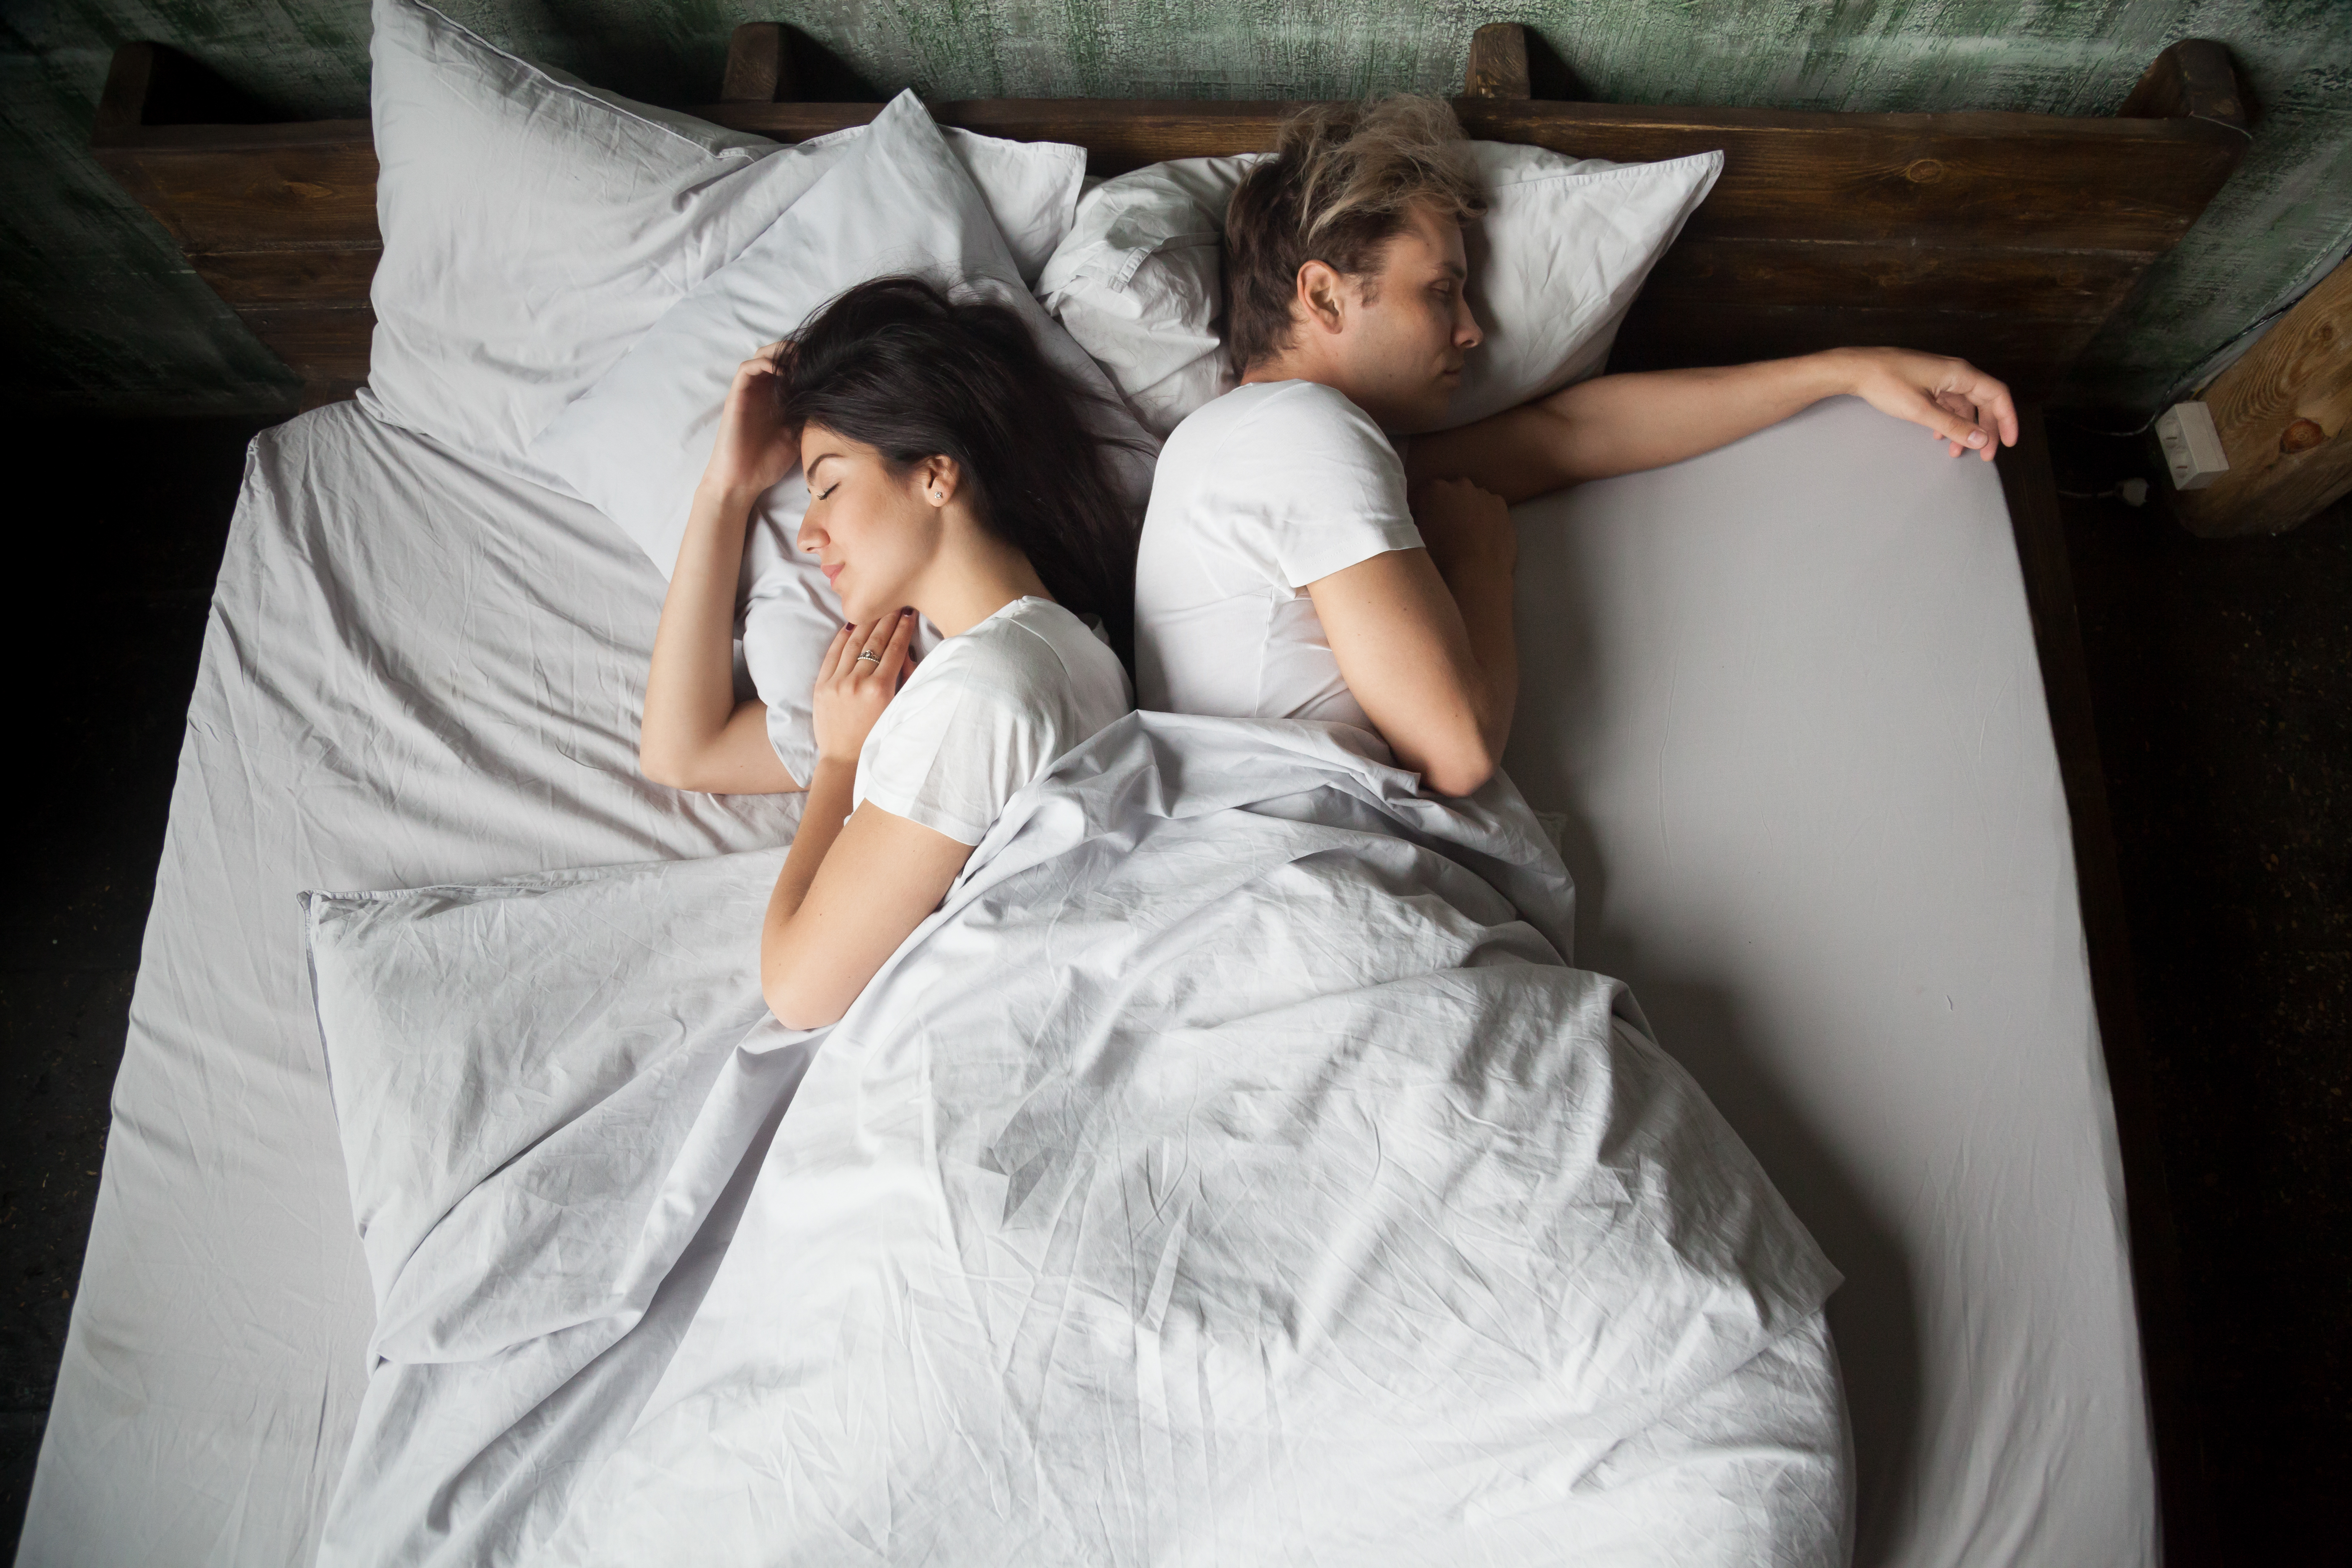 Wie kann man seine sexuelle lust steigern